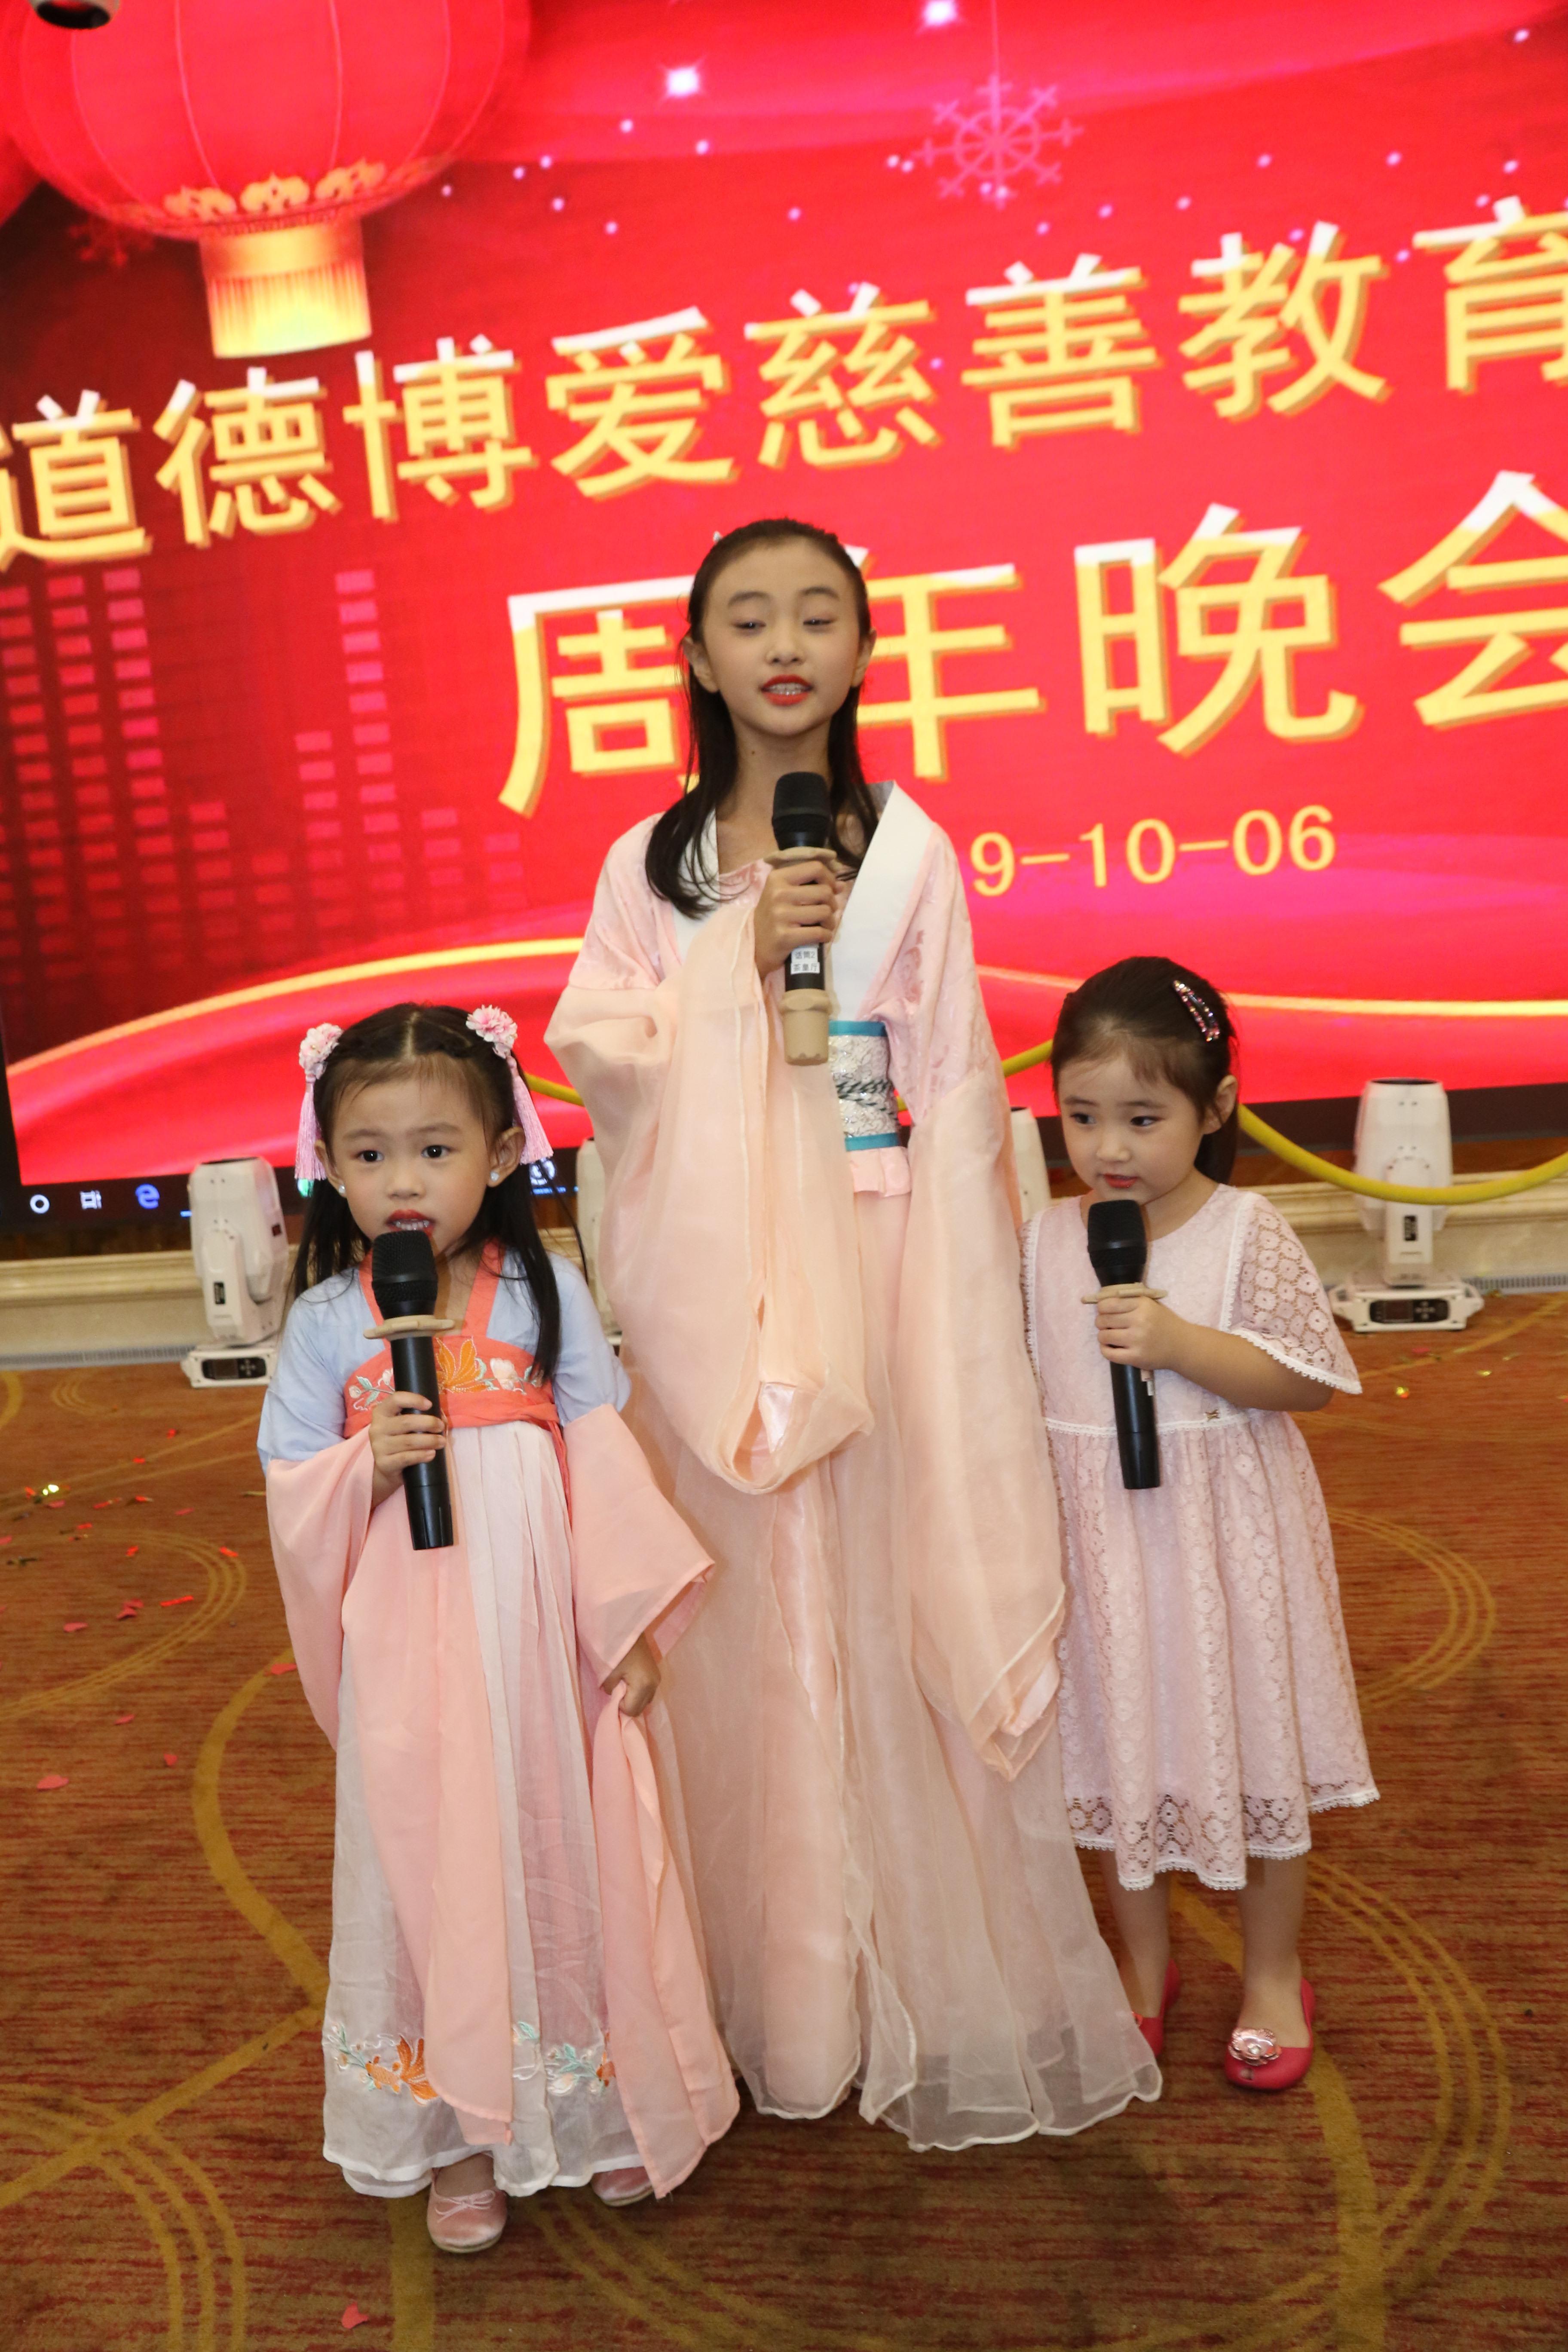 China-AD9